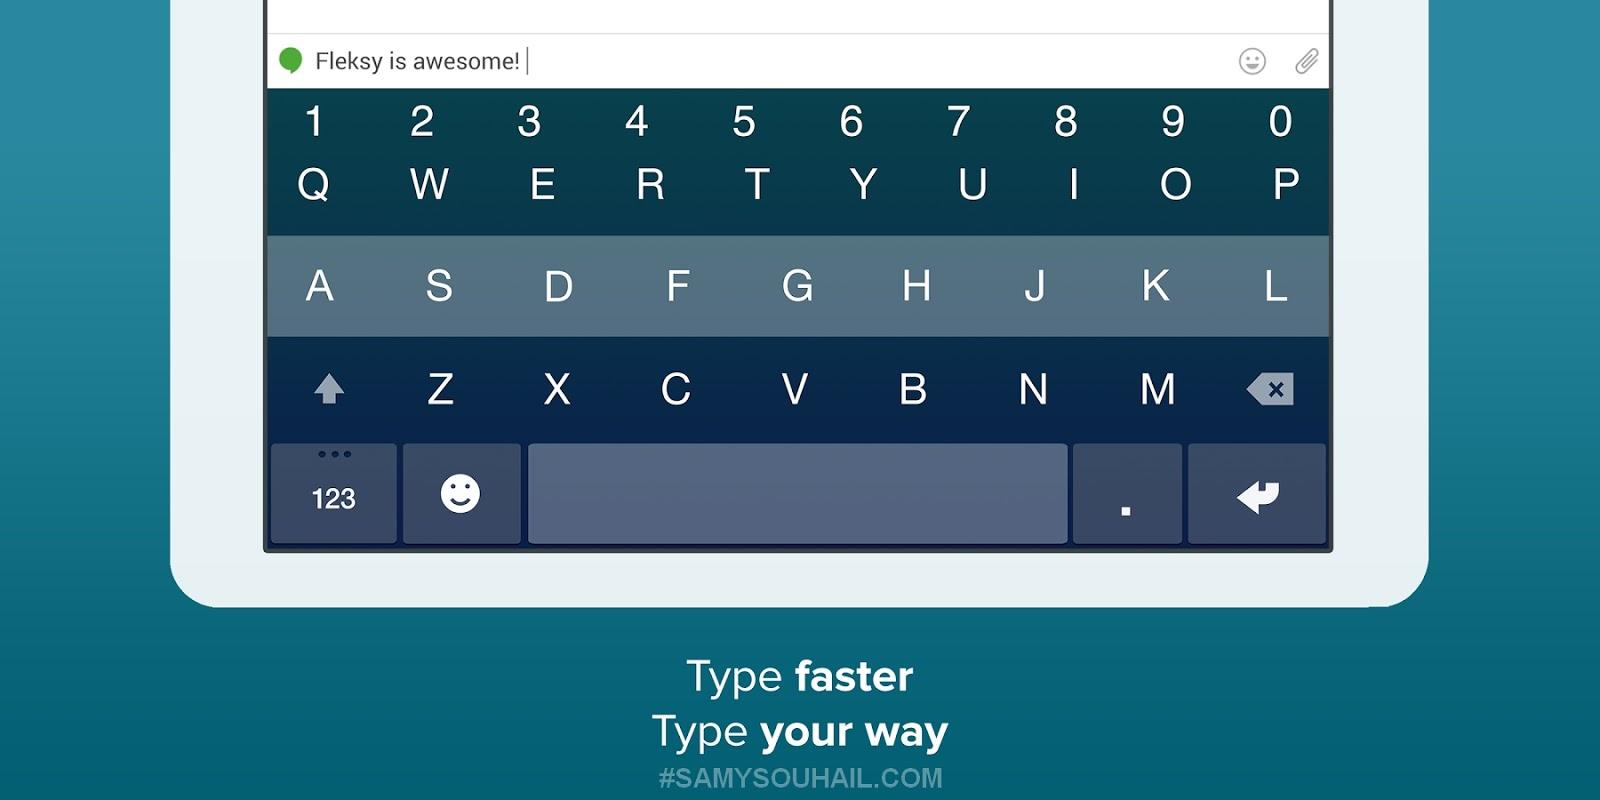 تطبيق Fleksy Keyboard يمكنك من الكتابة بسرعة على كيبورد هاتف الأندرويد